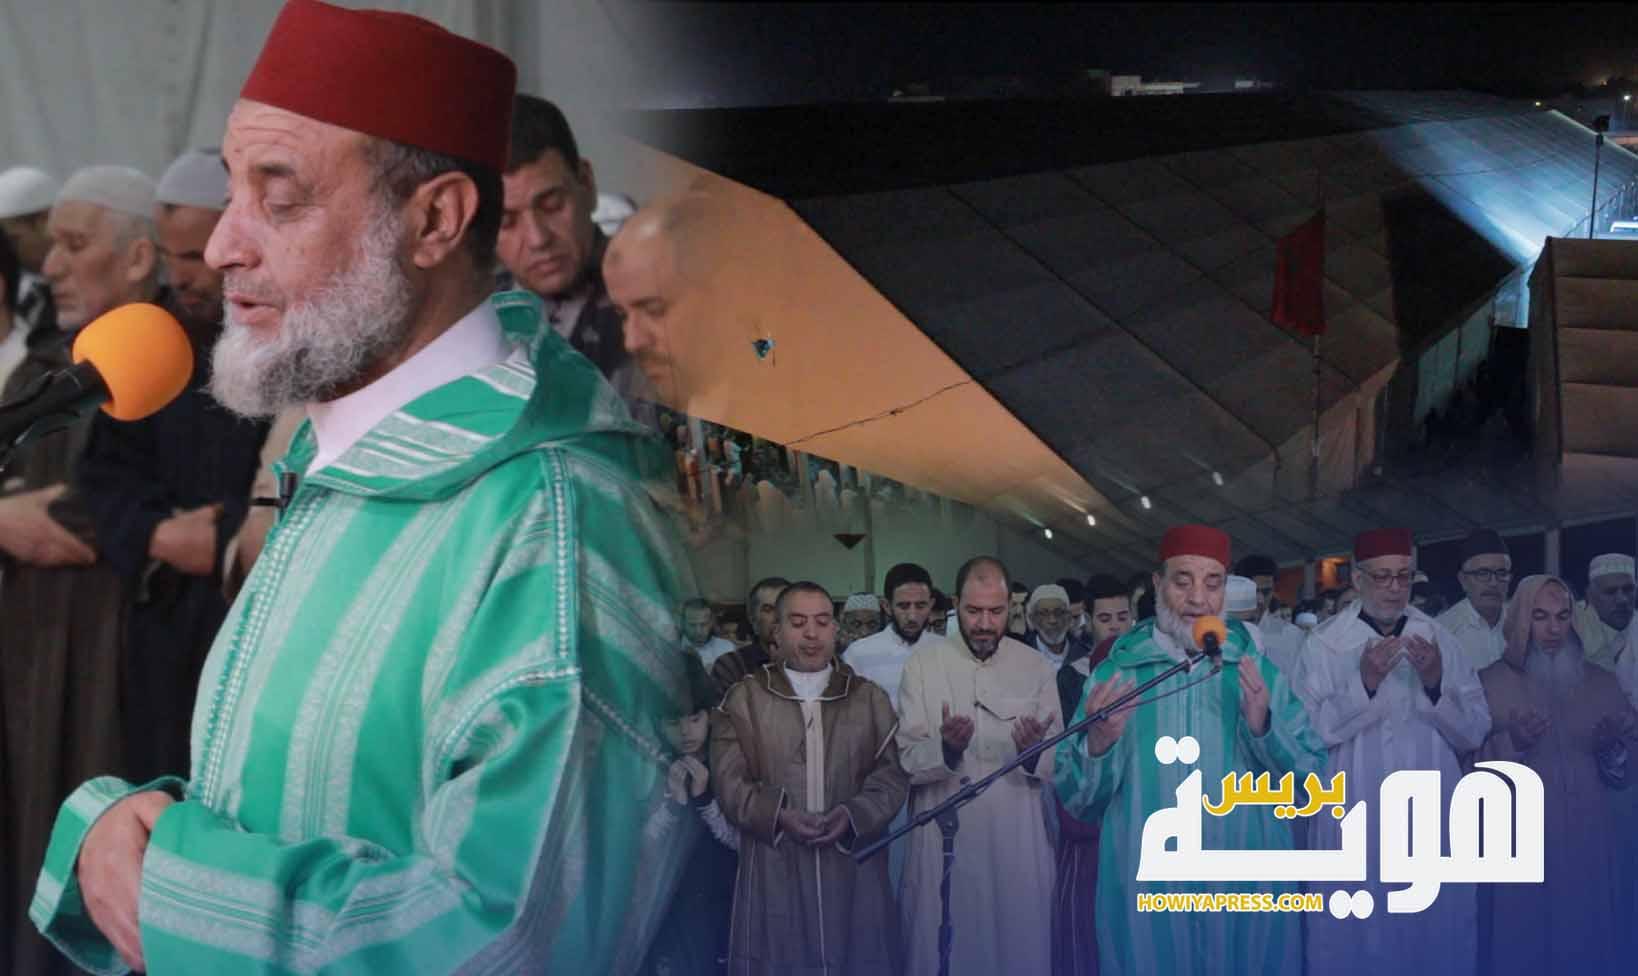 الشيخ مصطفى غربي يؤم آلاف المصلين بمصلى التروايح حي الإنبعاث بسلا